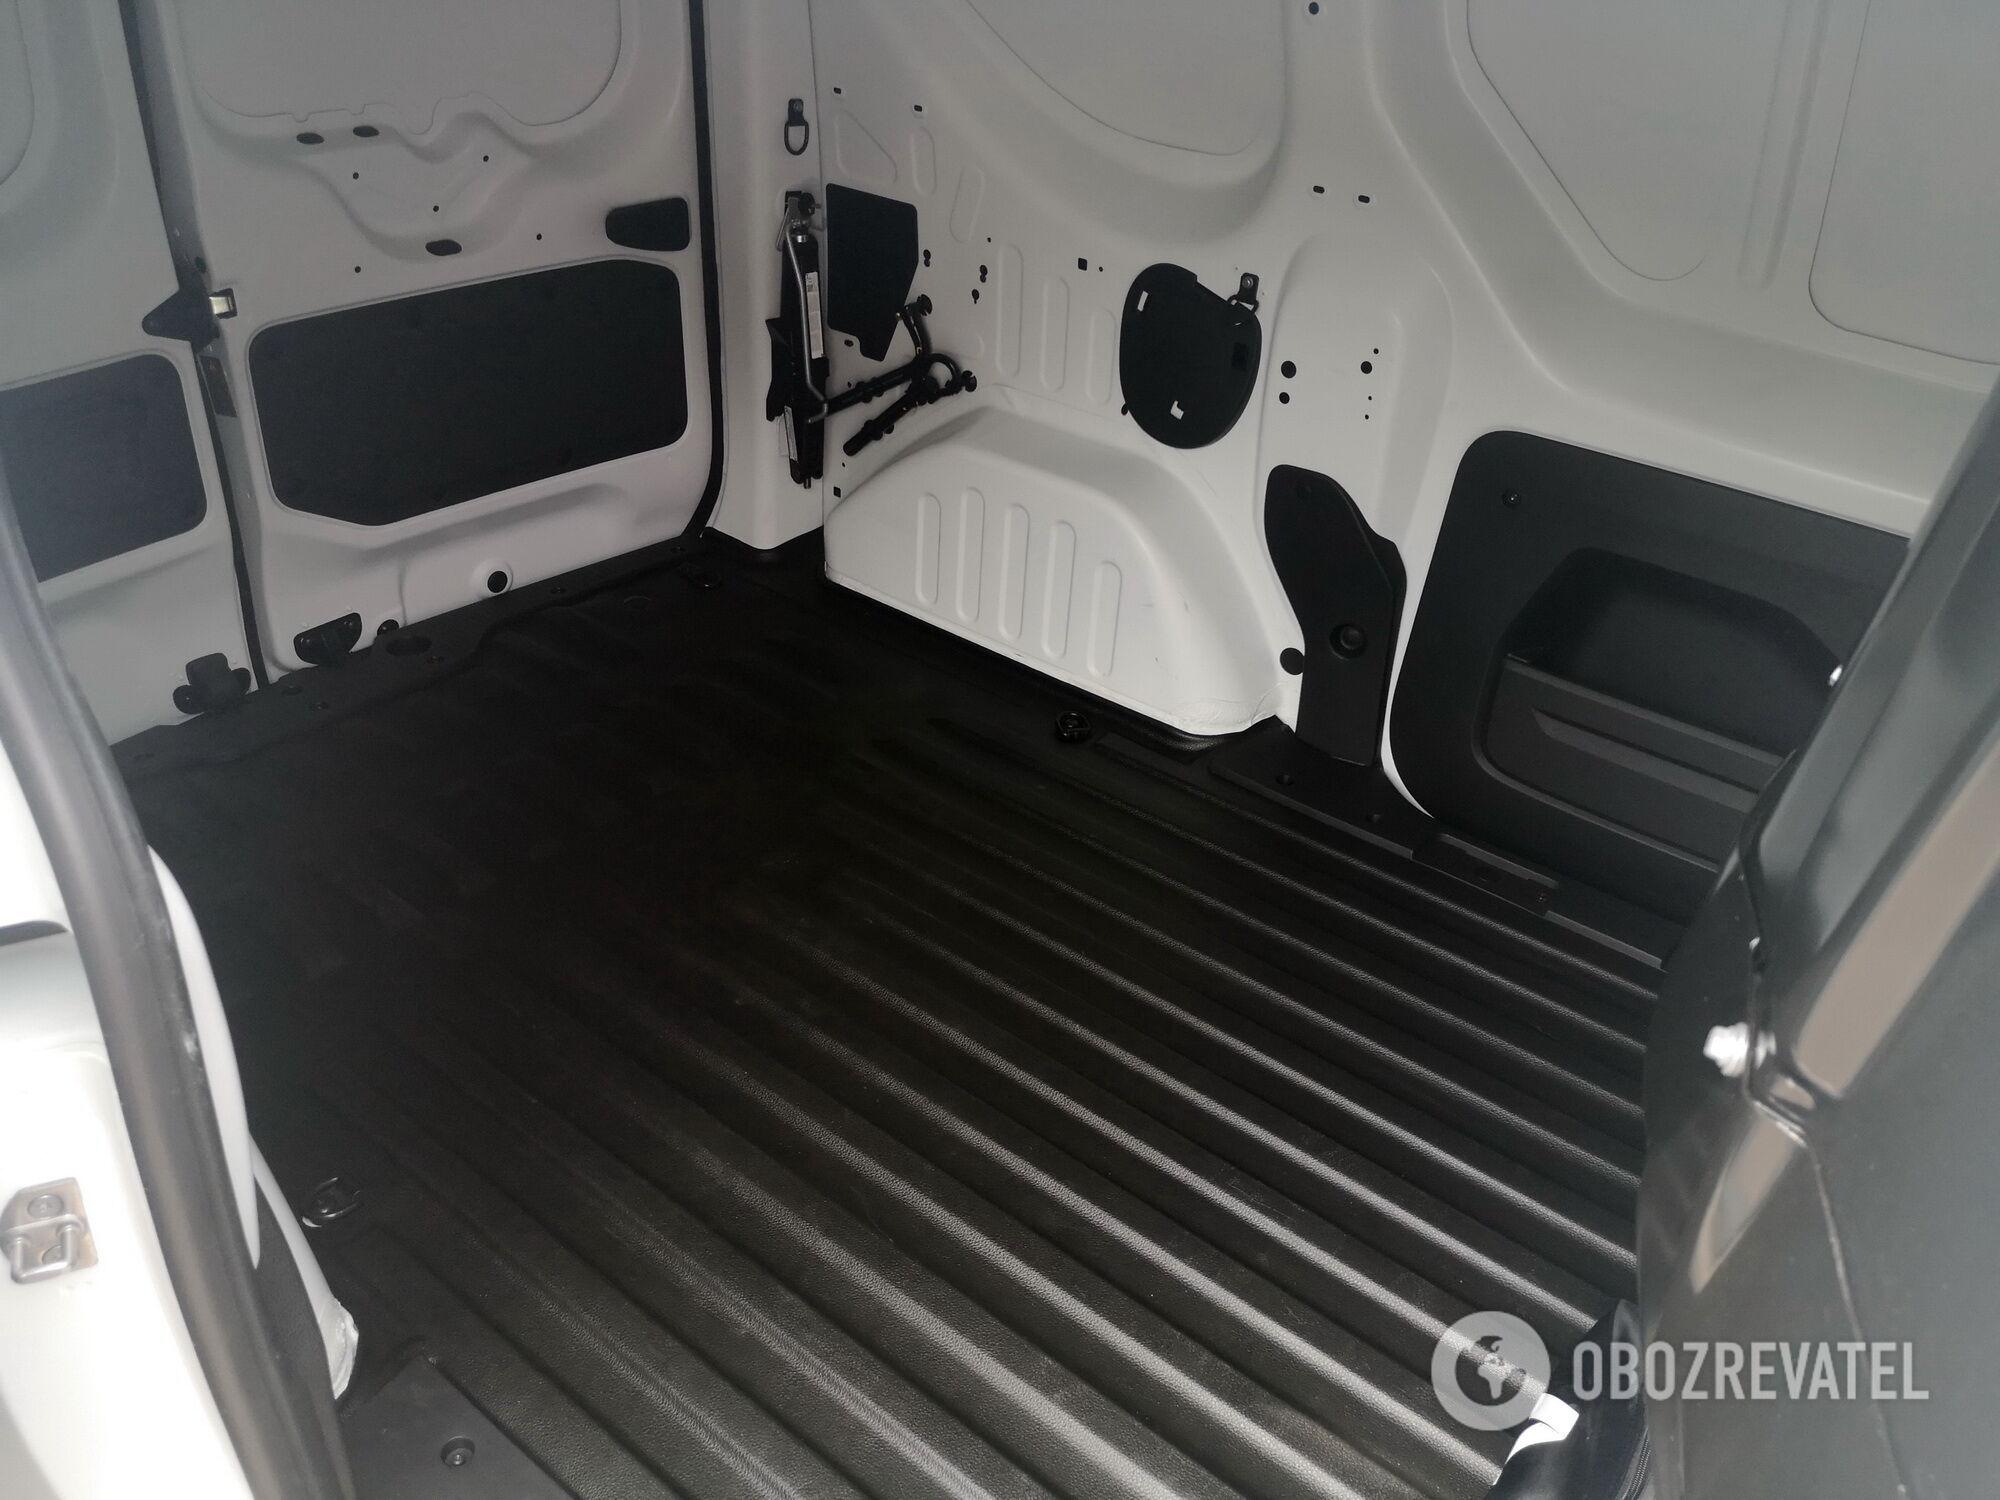 Объем багажного отделения – 3,3-3,7 м3, а максимальная длина перевозимого груза может достигать 1915 мм